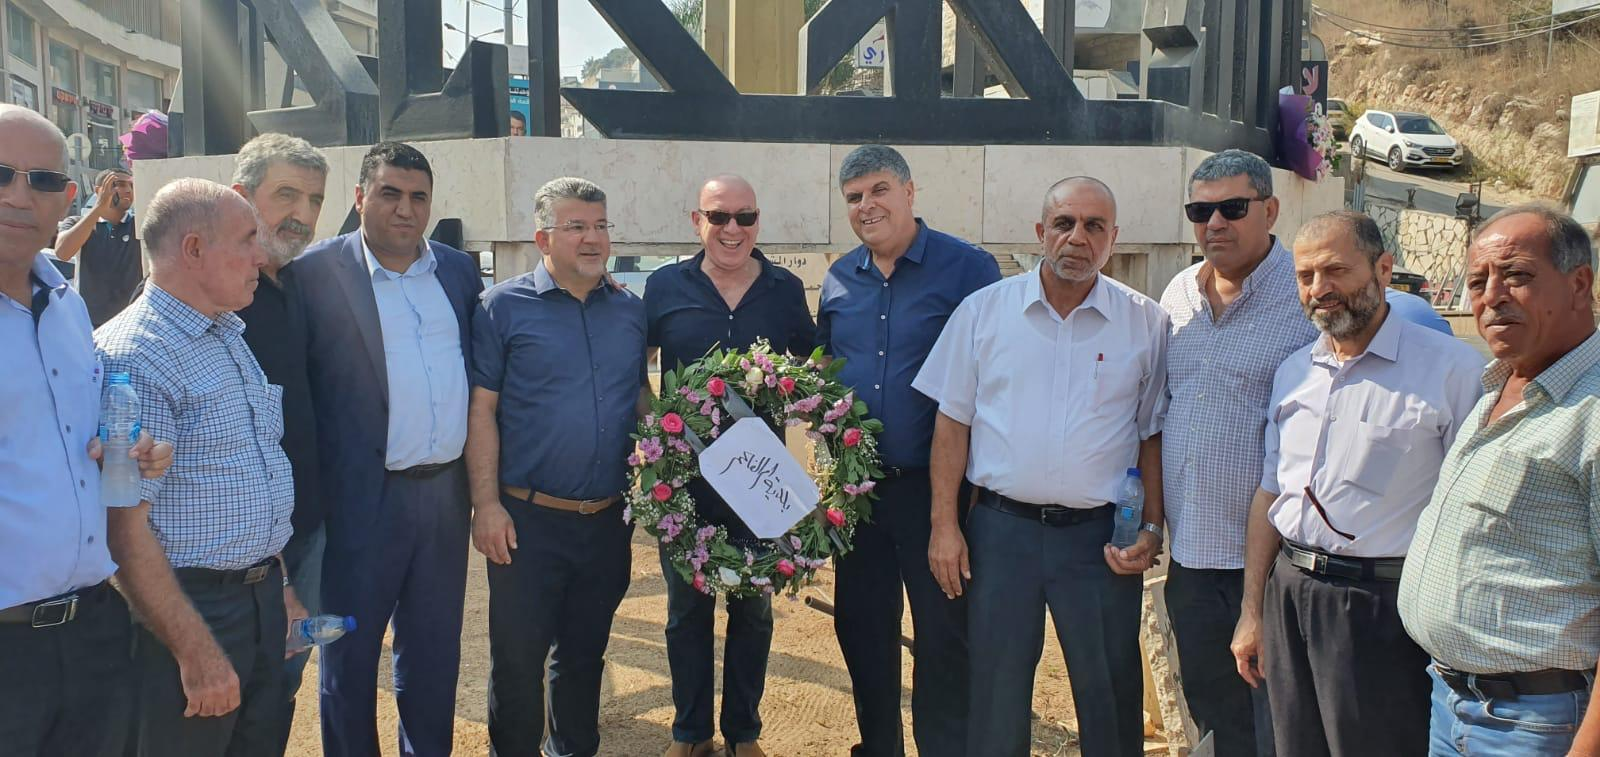 ذكرى هبة القدس والأقصى: زيارات لعوائل الشهداء وأكاليل زهور على الأضرحة